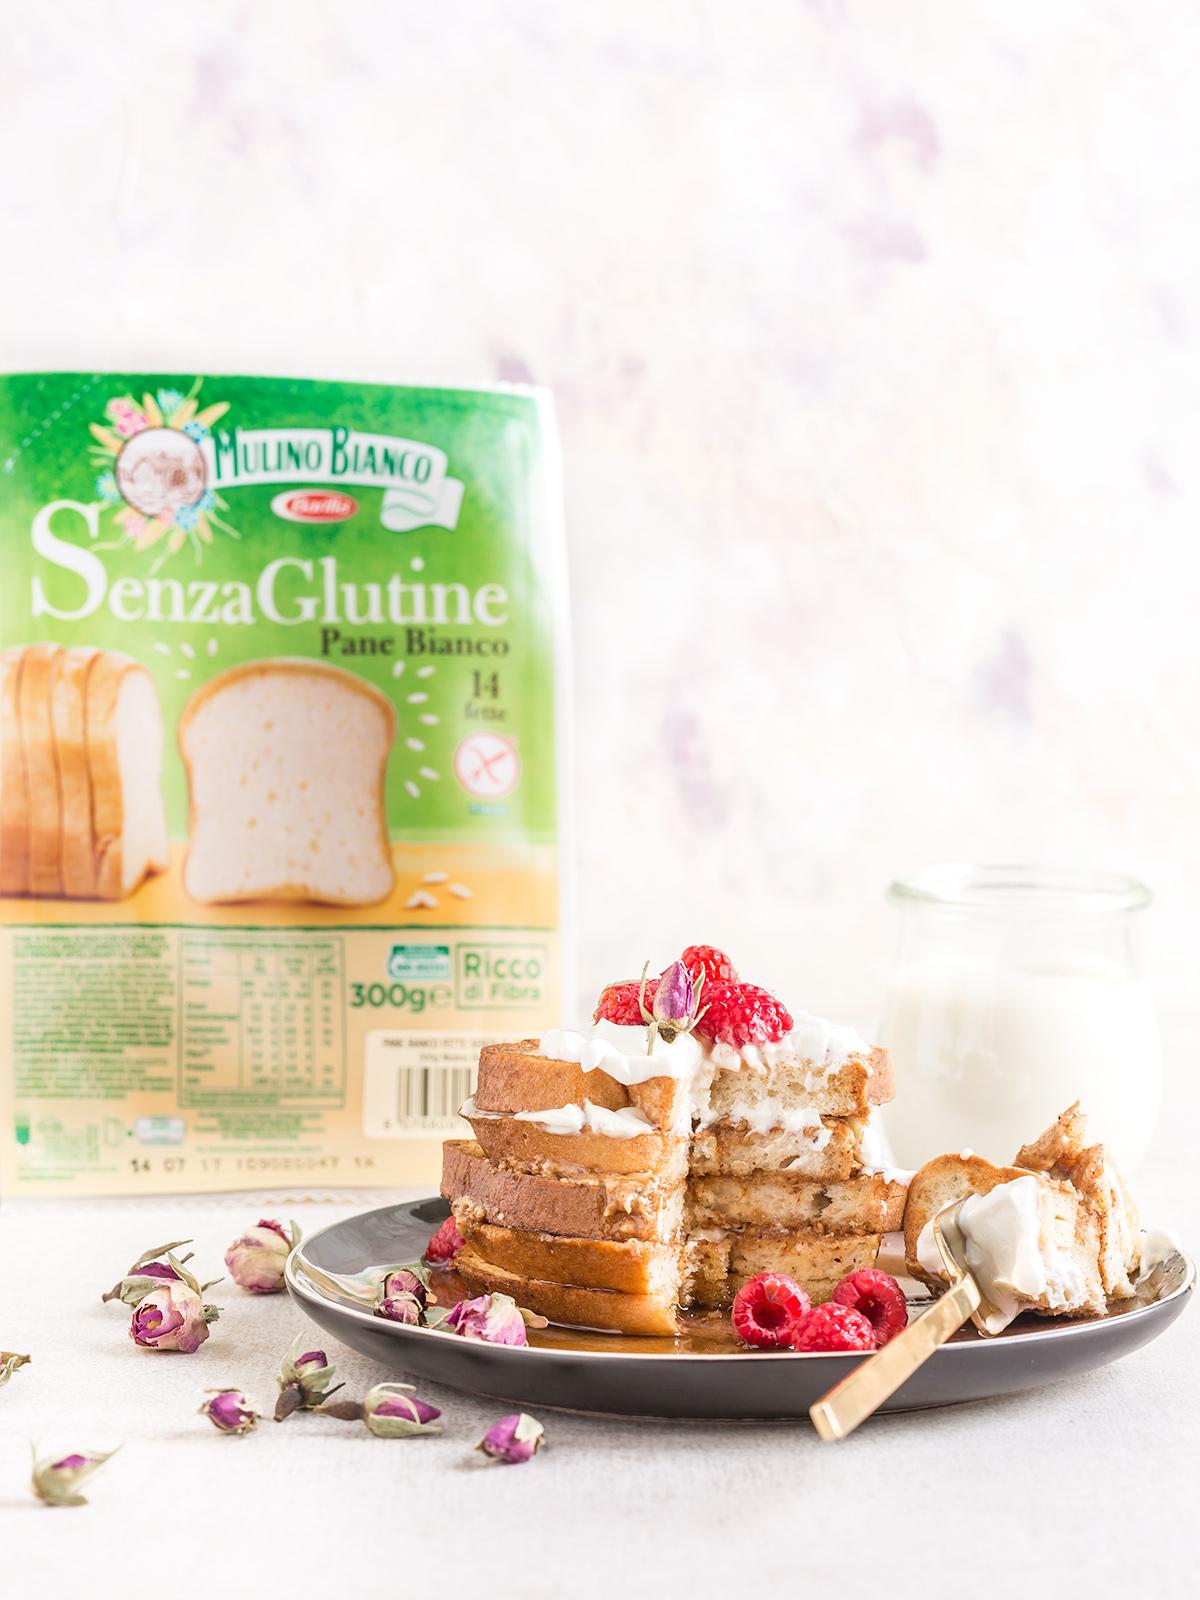 #VEGAN #glutenfree FRENCH TOAST recipe - ricetta FRENCH TOAST vegan #senzaglutine alla vaniglia in padella e al forno